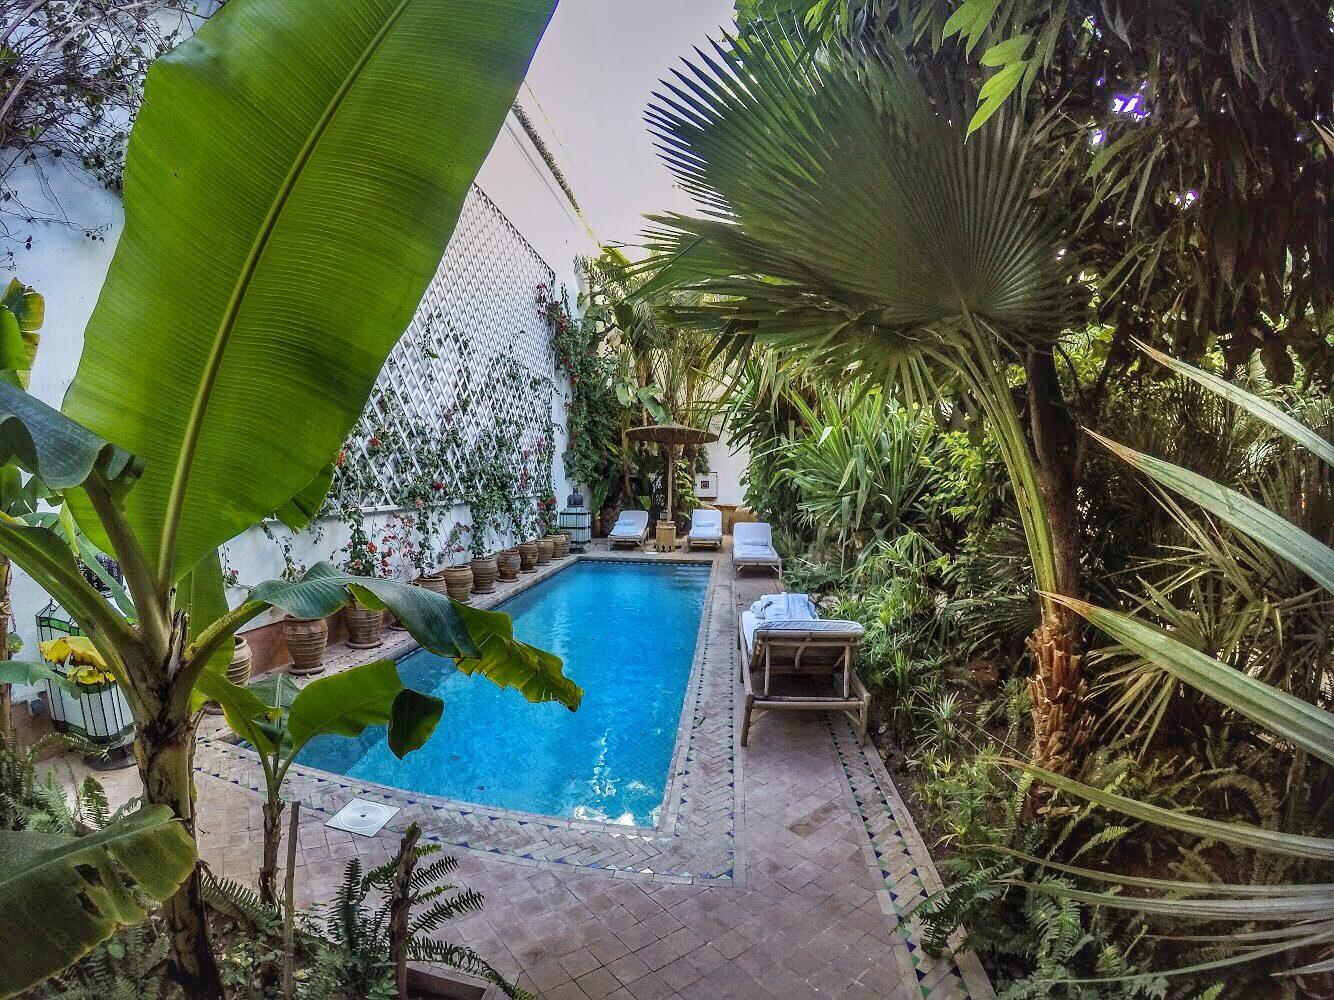 Piscina circondata da palme e piante varie